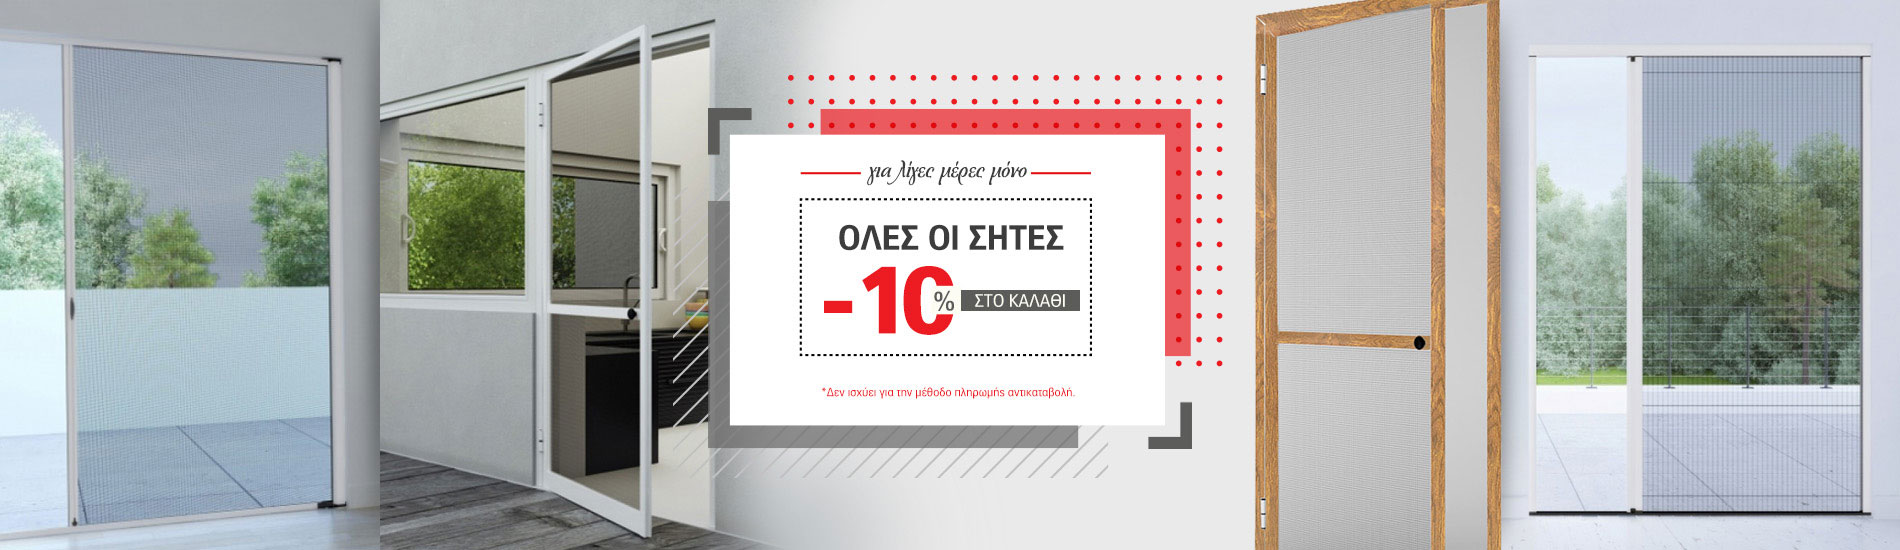 sites-01